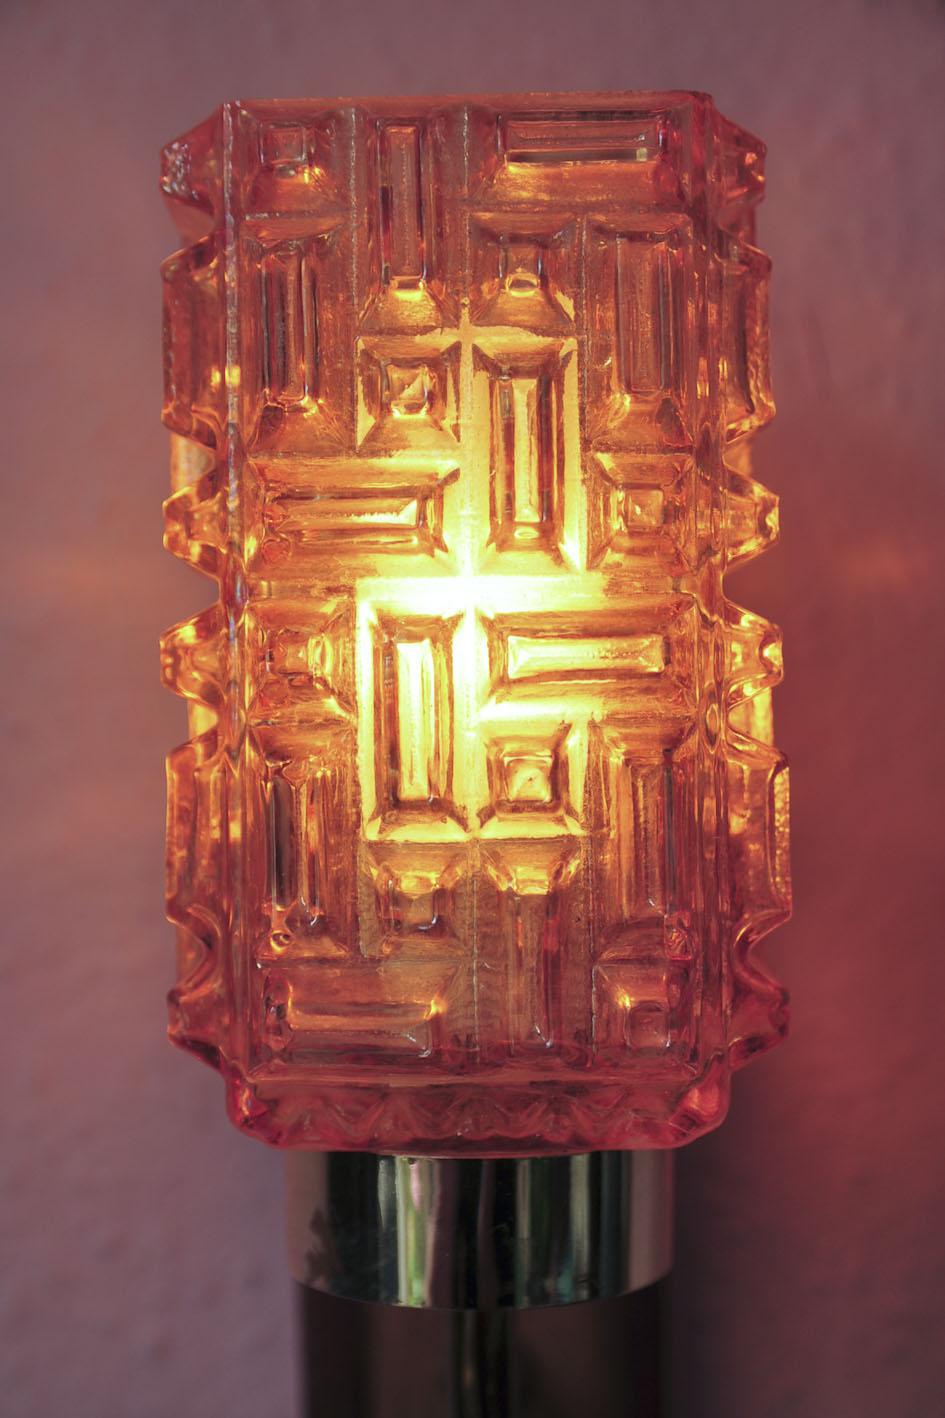 wandlampje glas en hout en messing